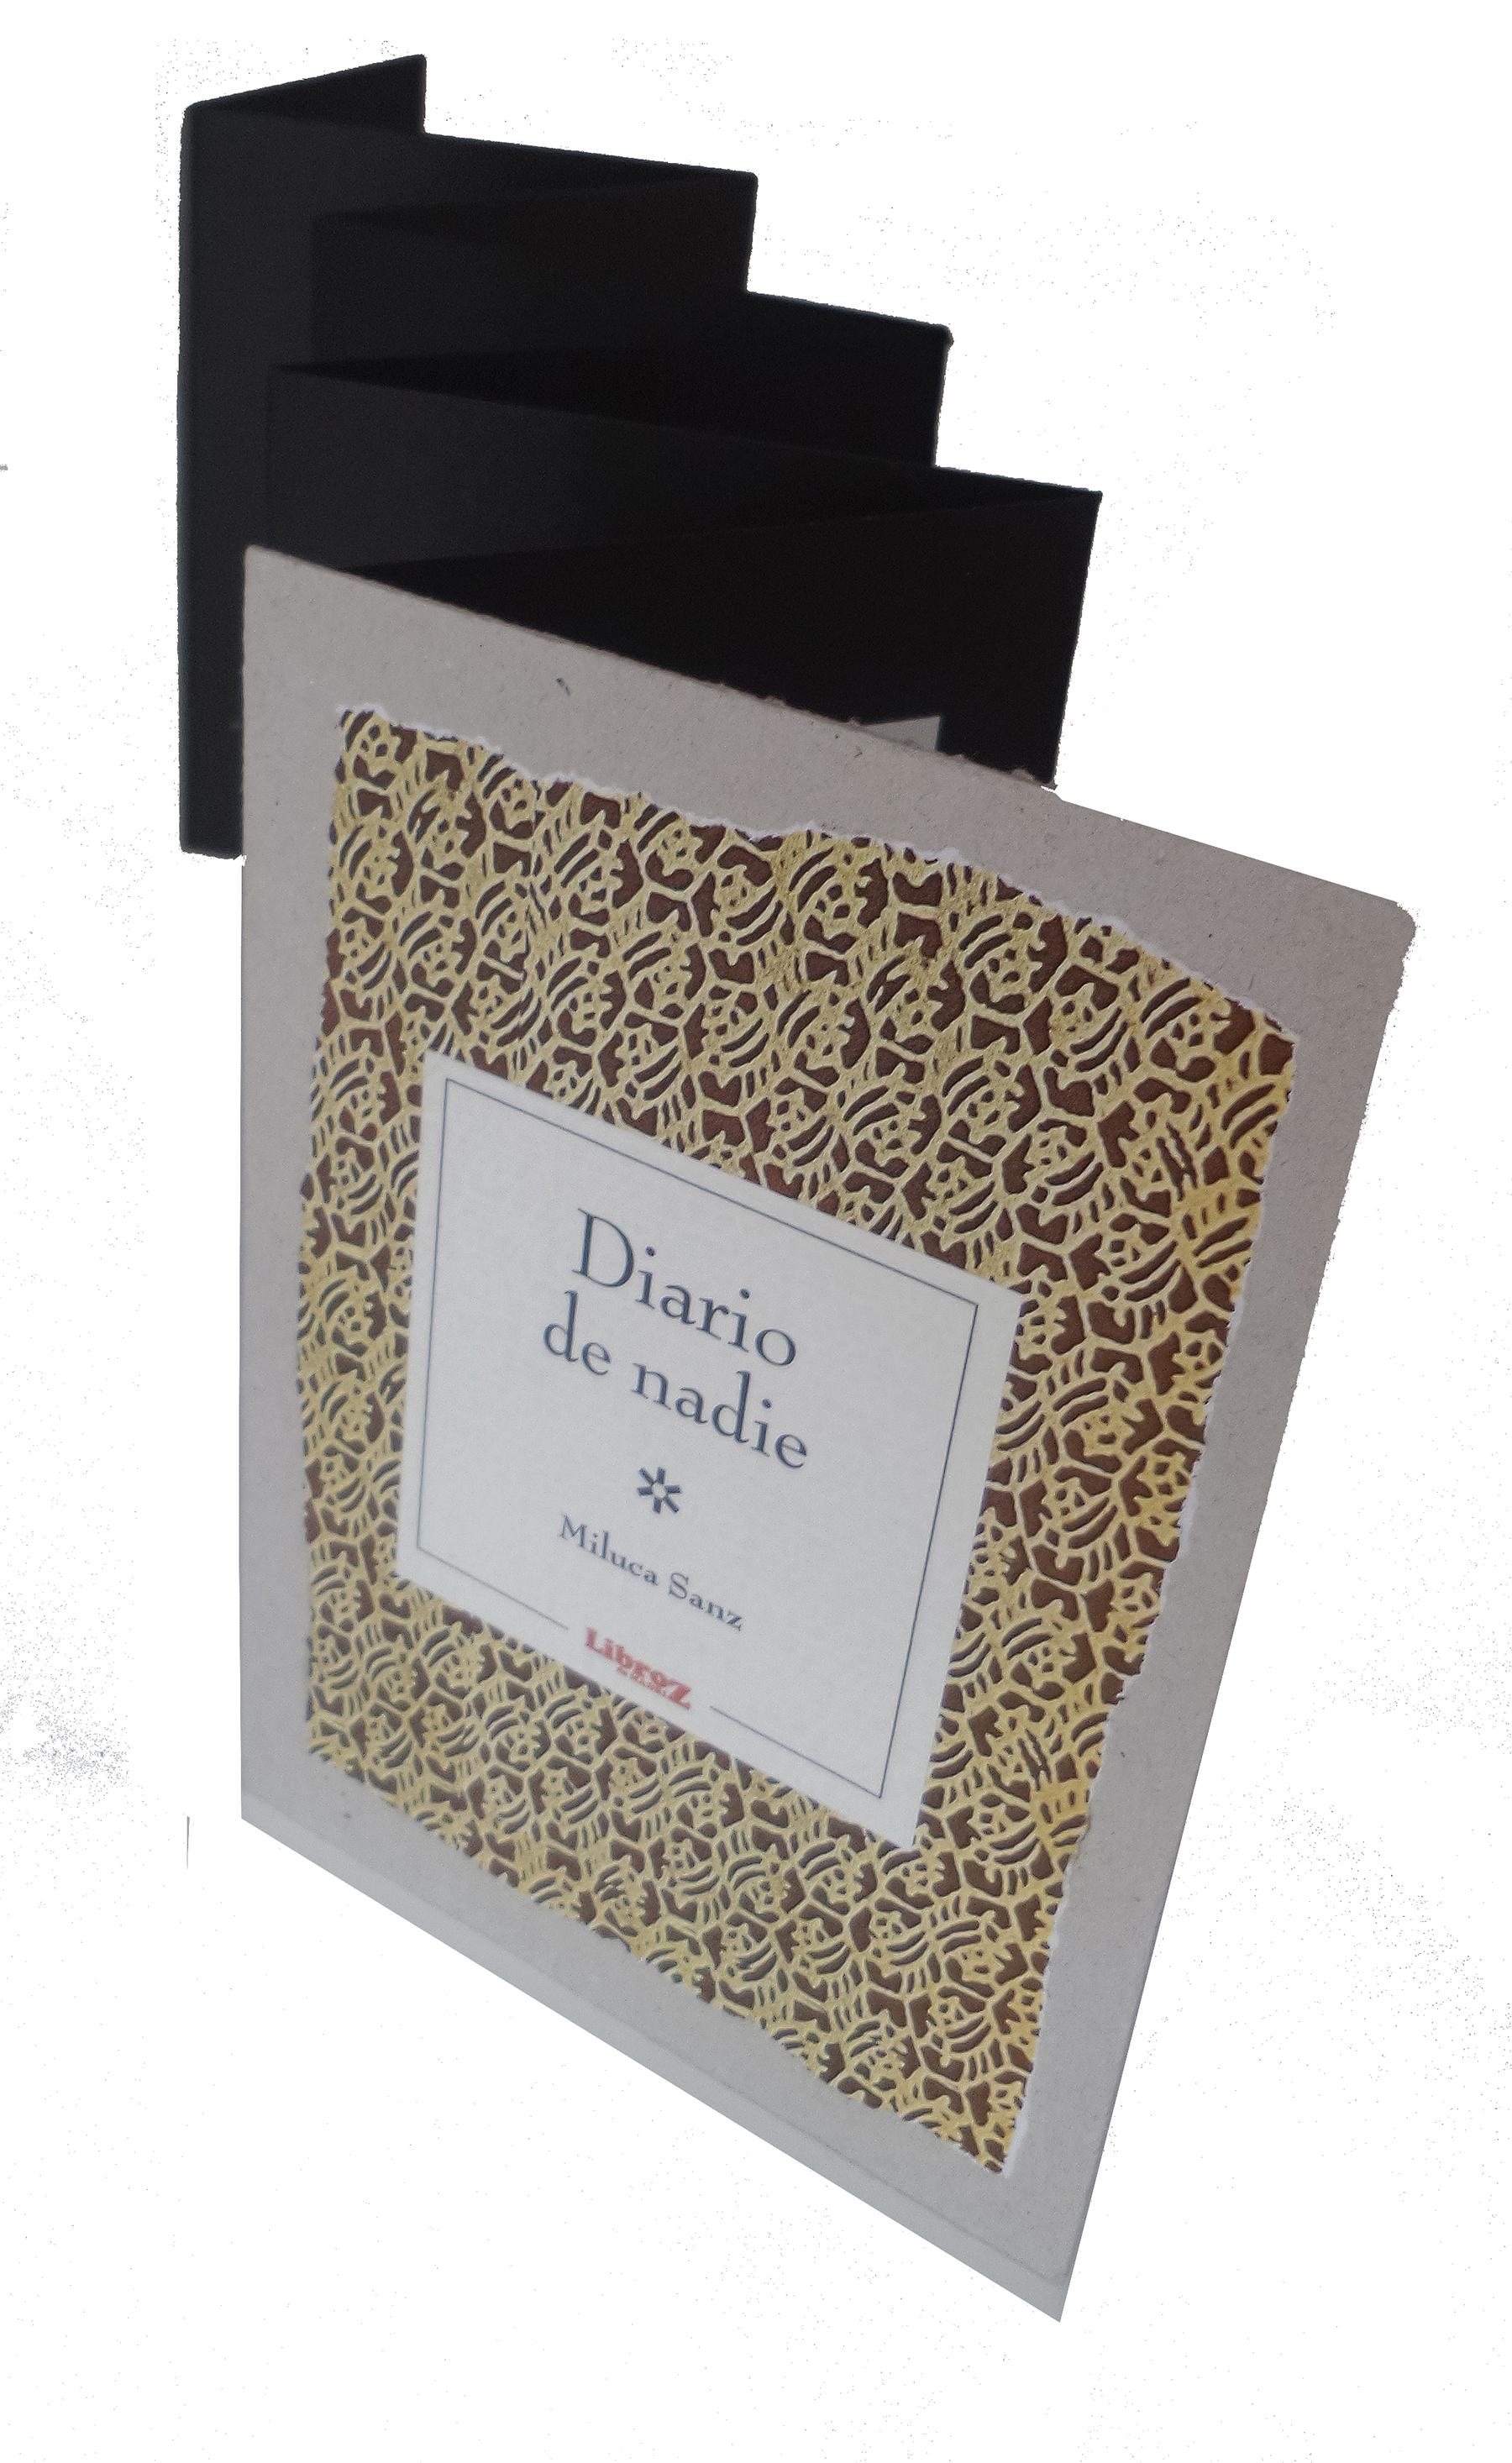 2016 Libro Diario de Nadie